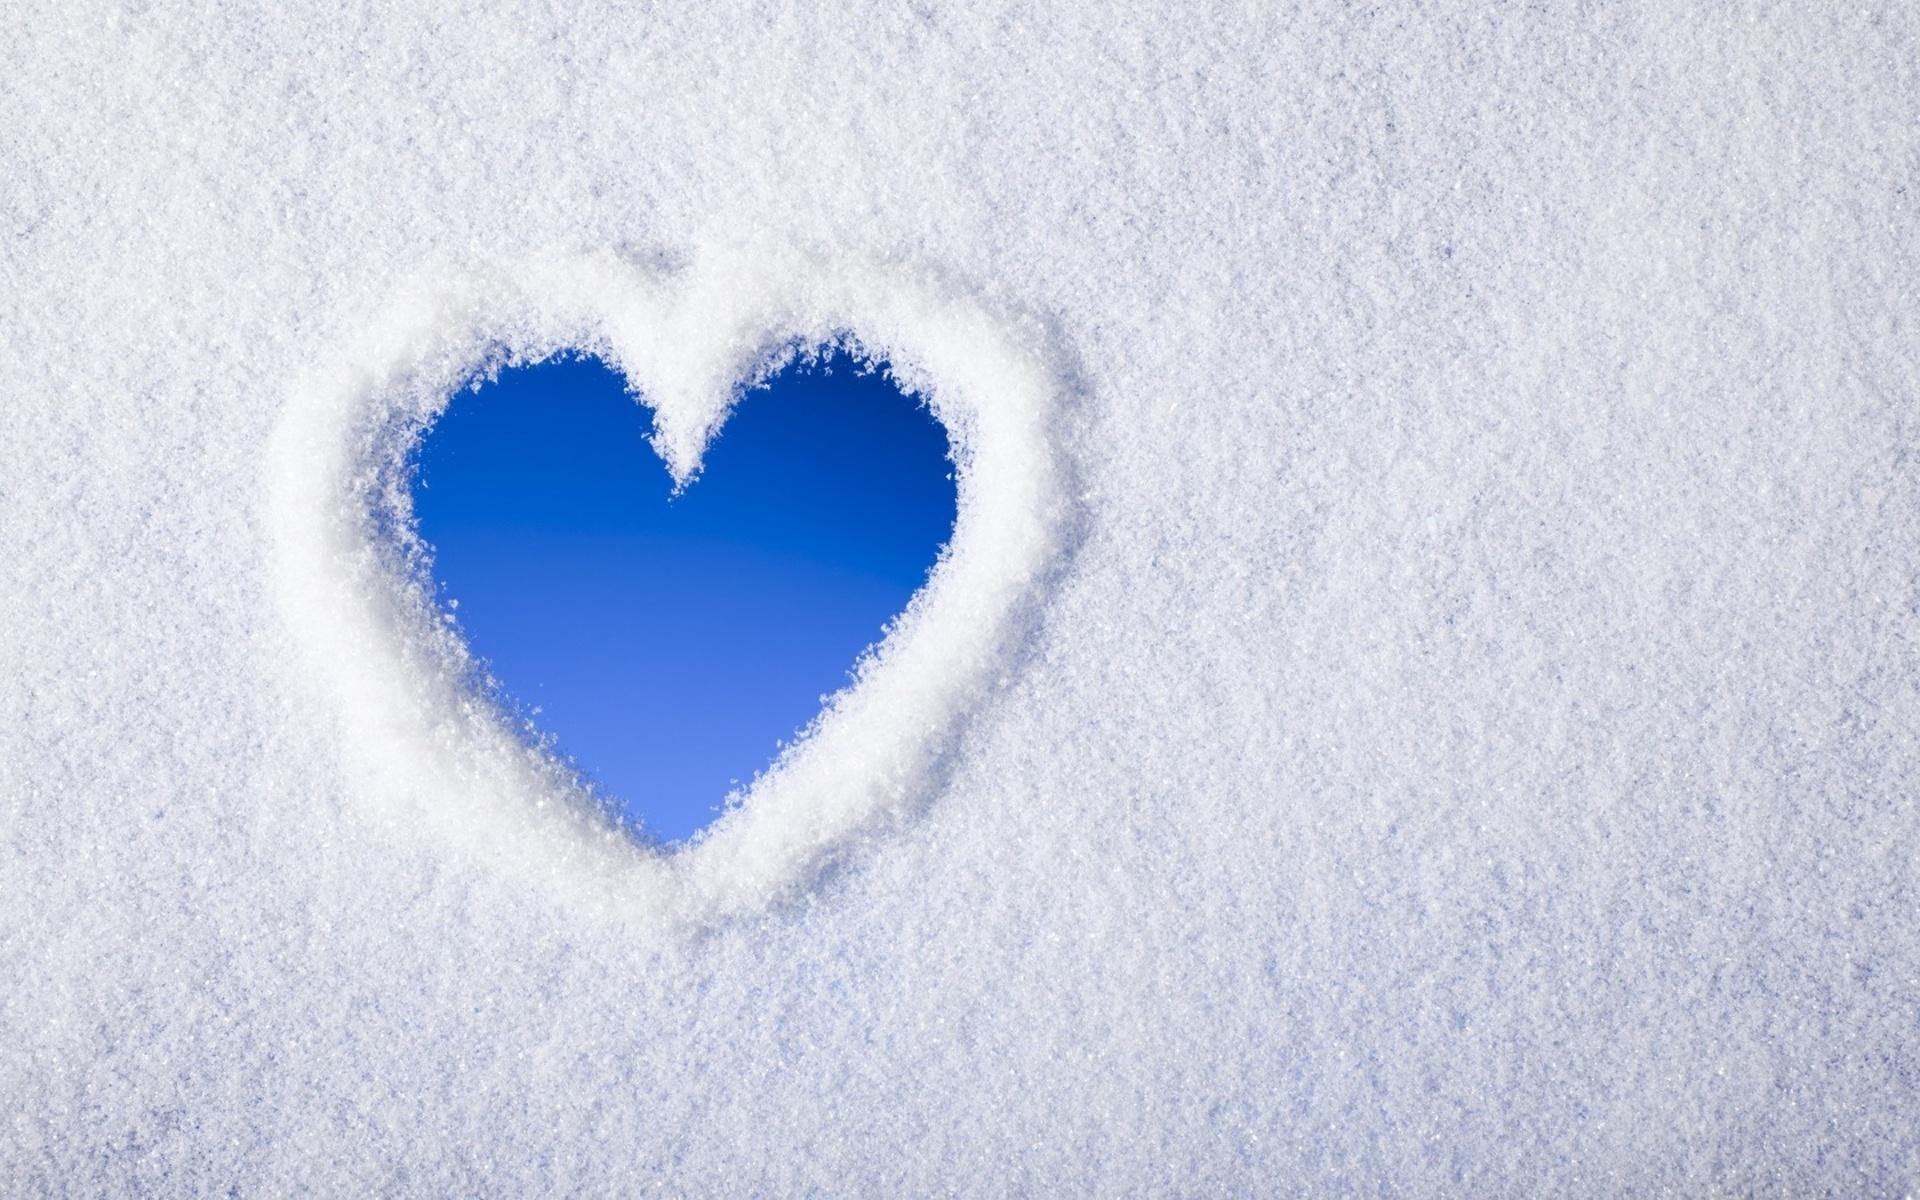 Drawn snow sun Drawn Heart #6963595 Heart Snow